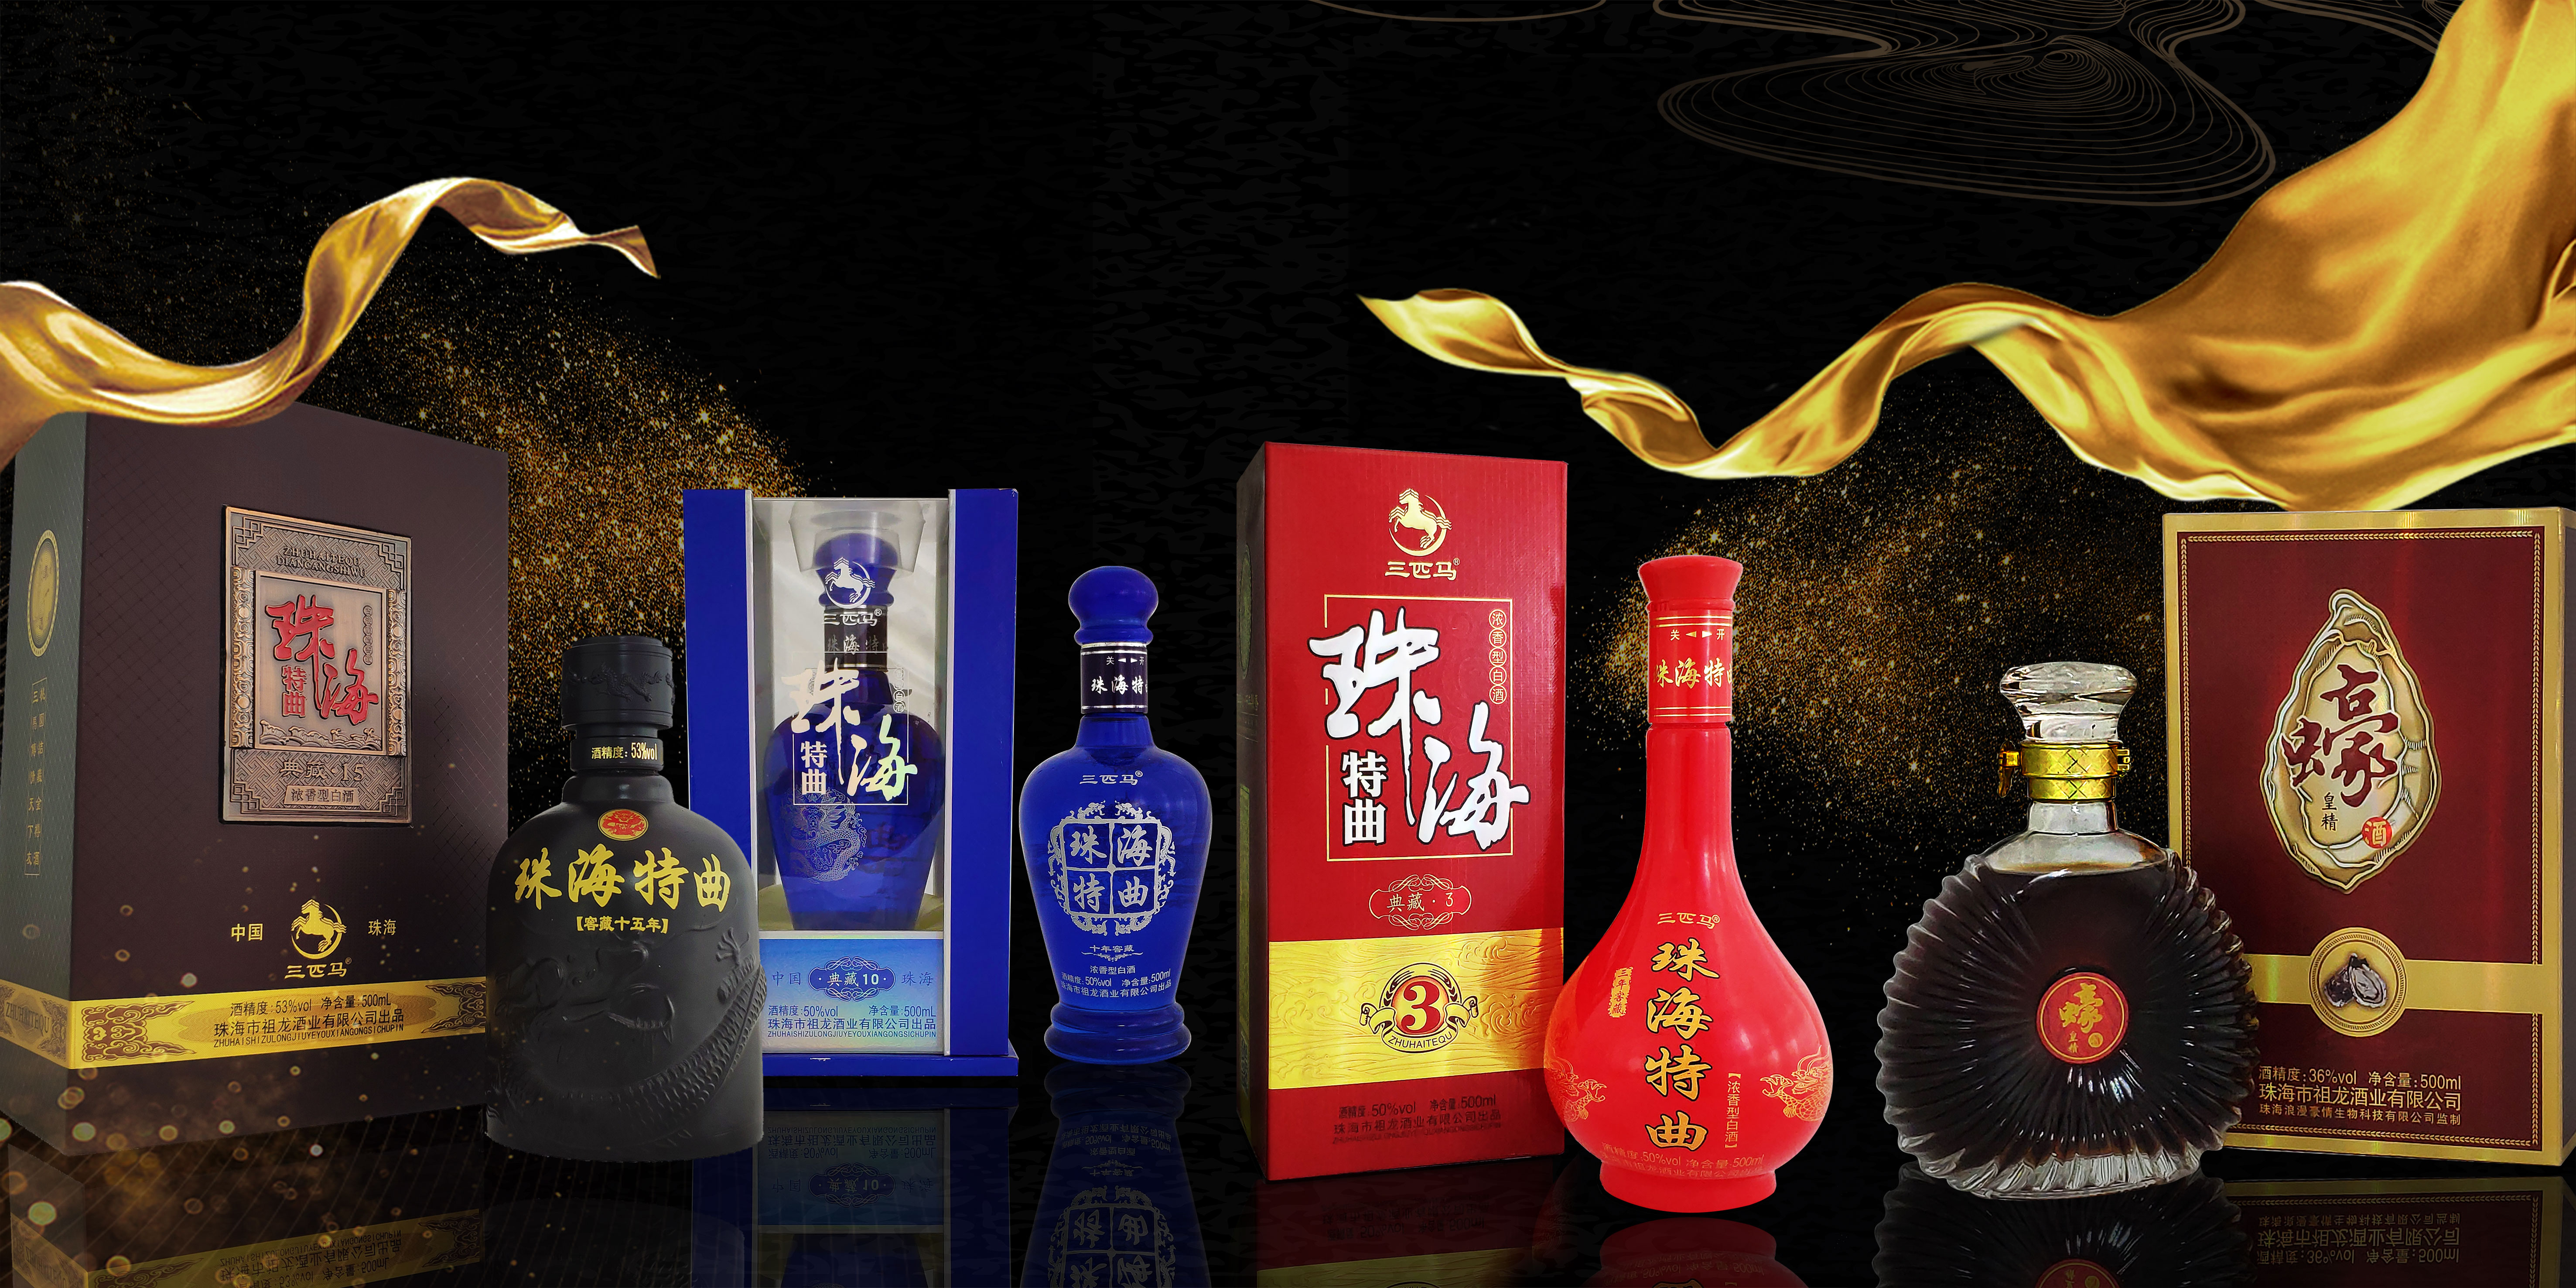 珠海市祖龙酒业有限公司